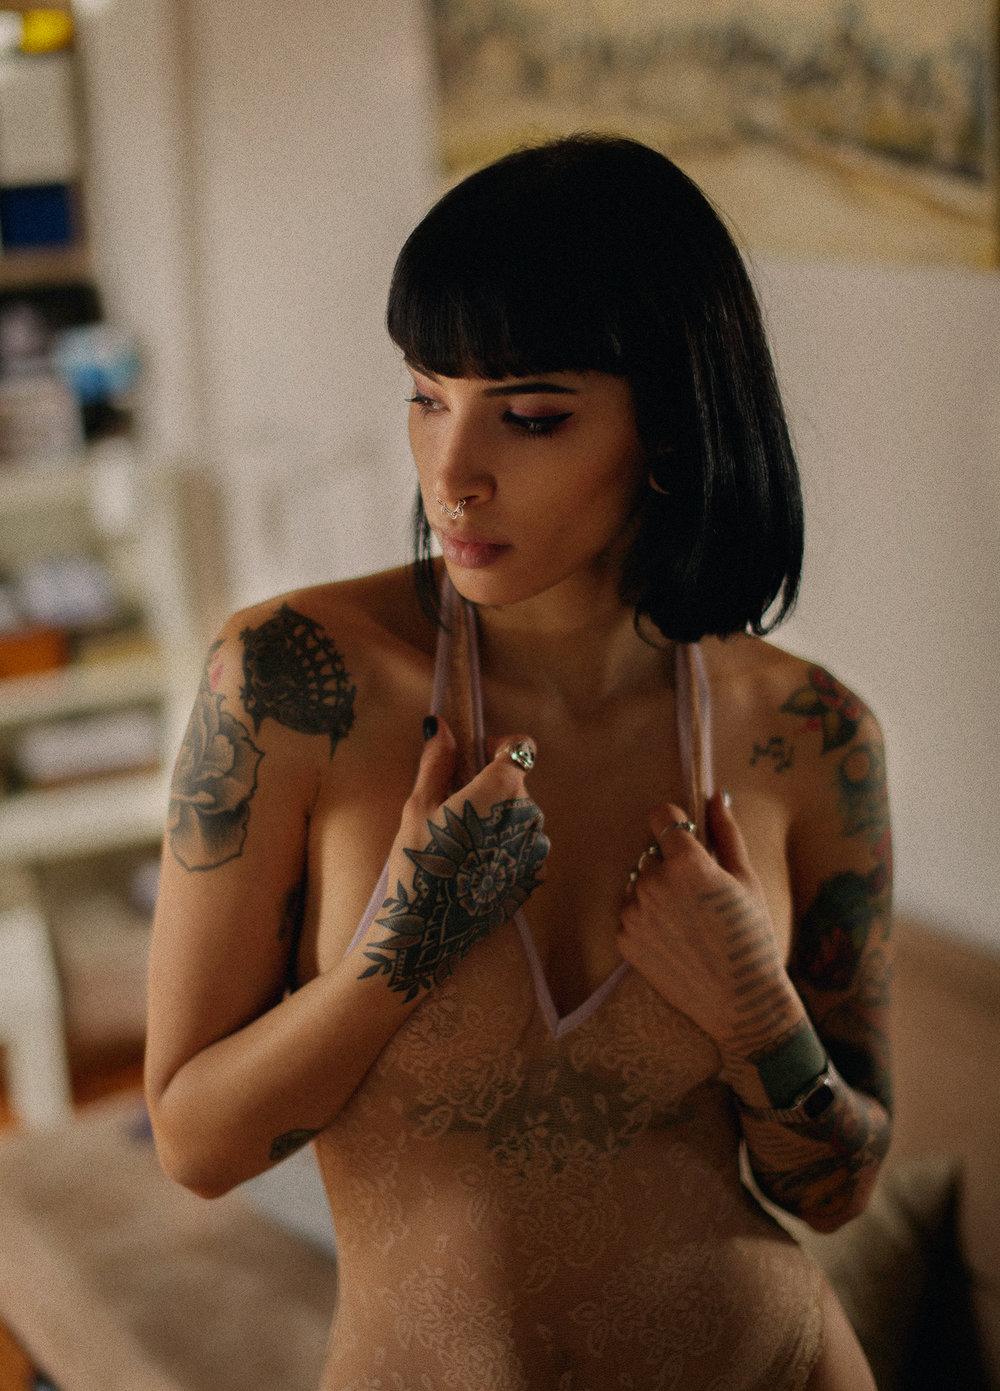 Monica Kiddo by Cayetano González